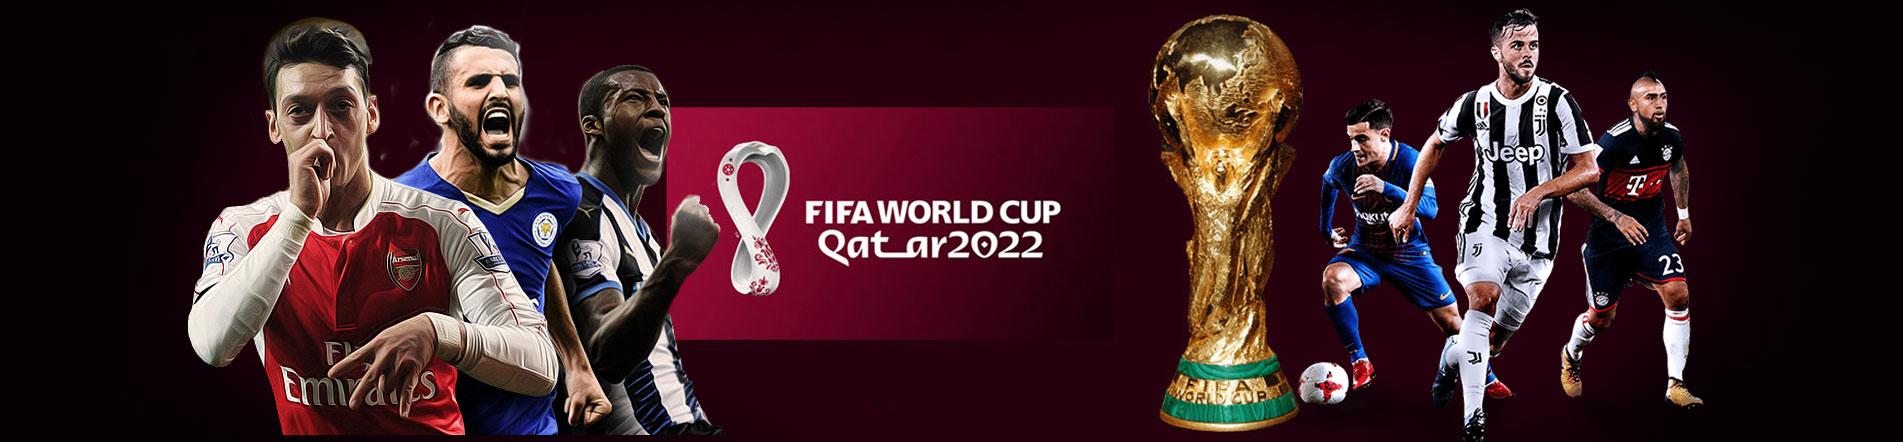 บอลโลก2022